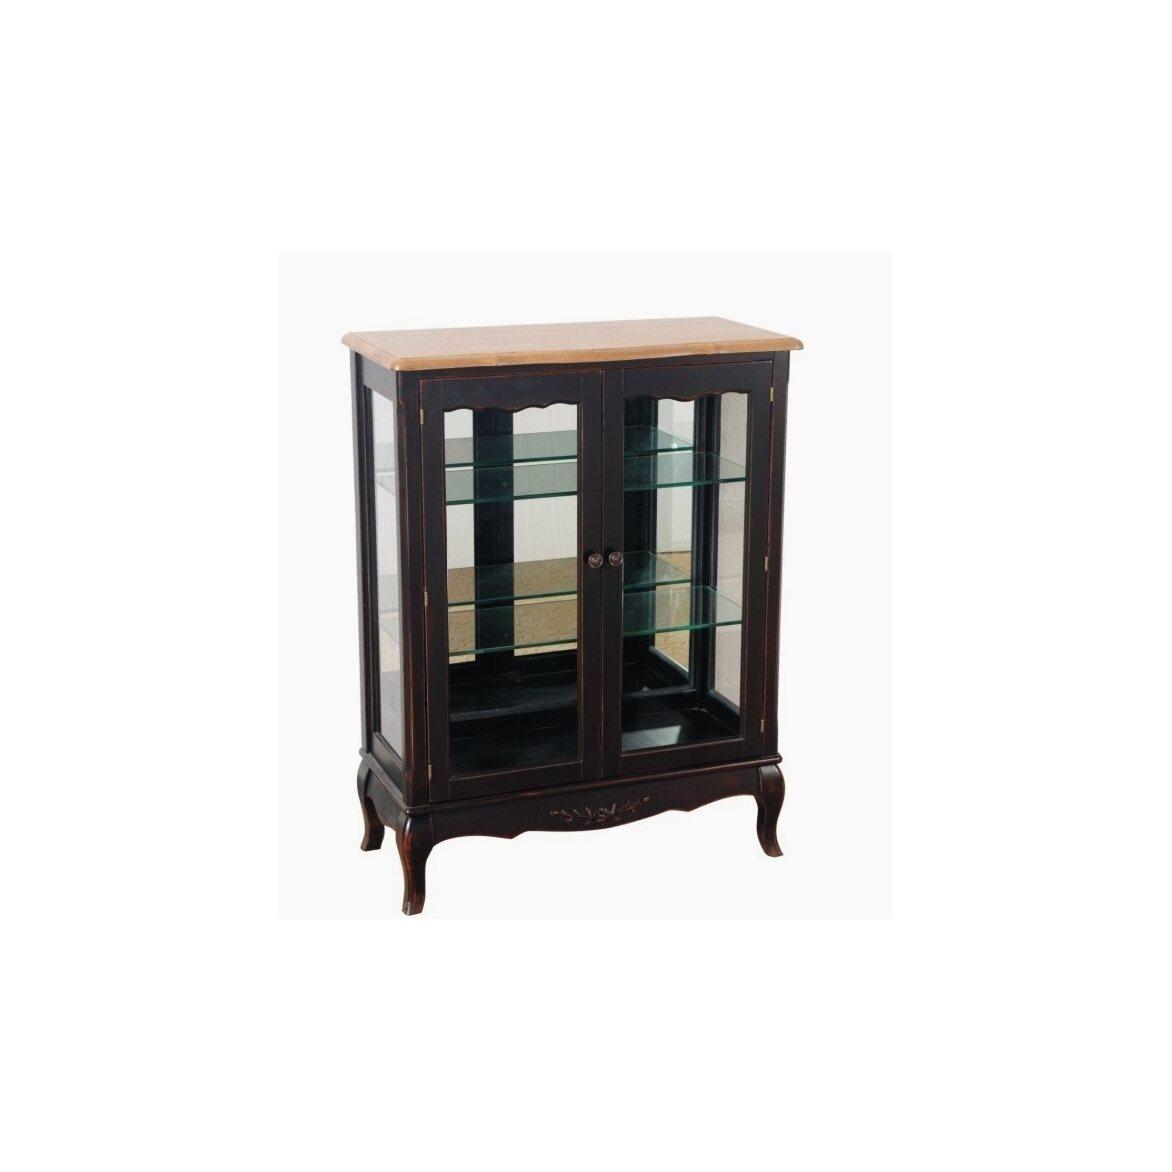 Стеклянная витрина (двойная) Leontina, черного цвета | Витрины Kingsby